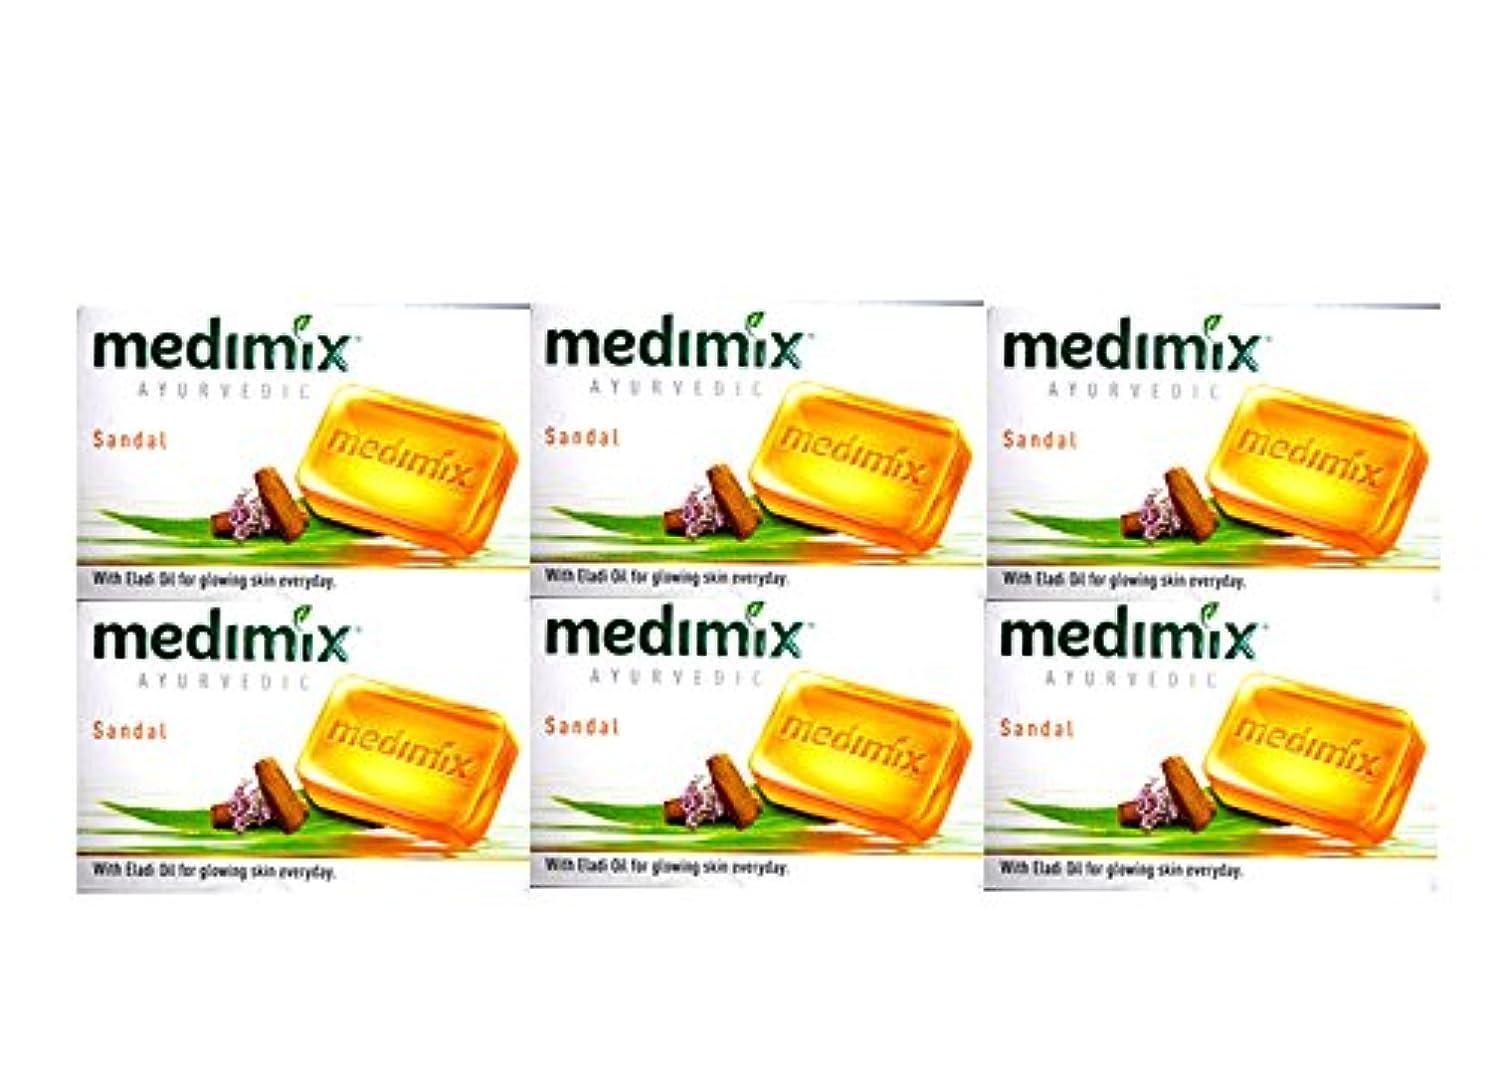 ポップ計器見つけたMEDIMIX メディミックス アーユルヴェディックサンダル 6個セット(medimix AYURVEDEC sandal Soap) 125g